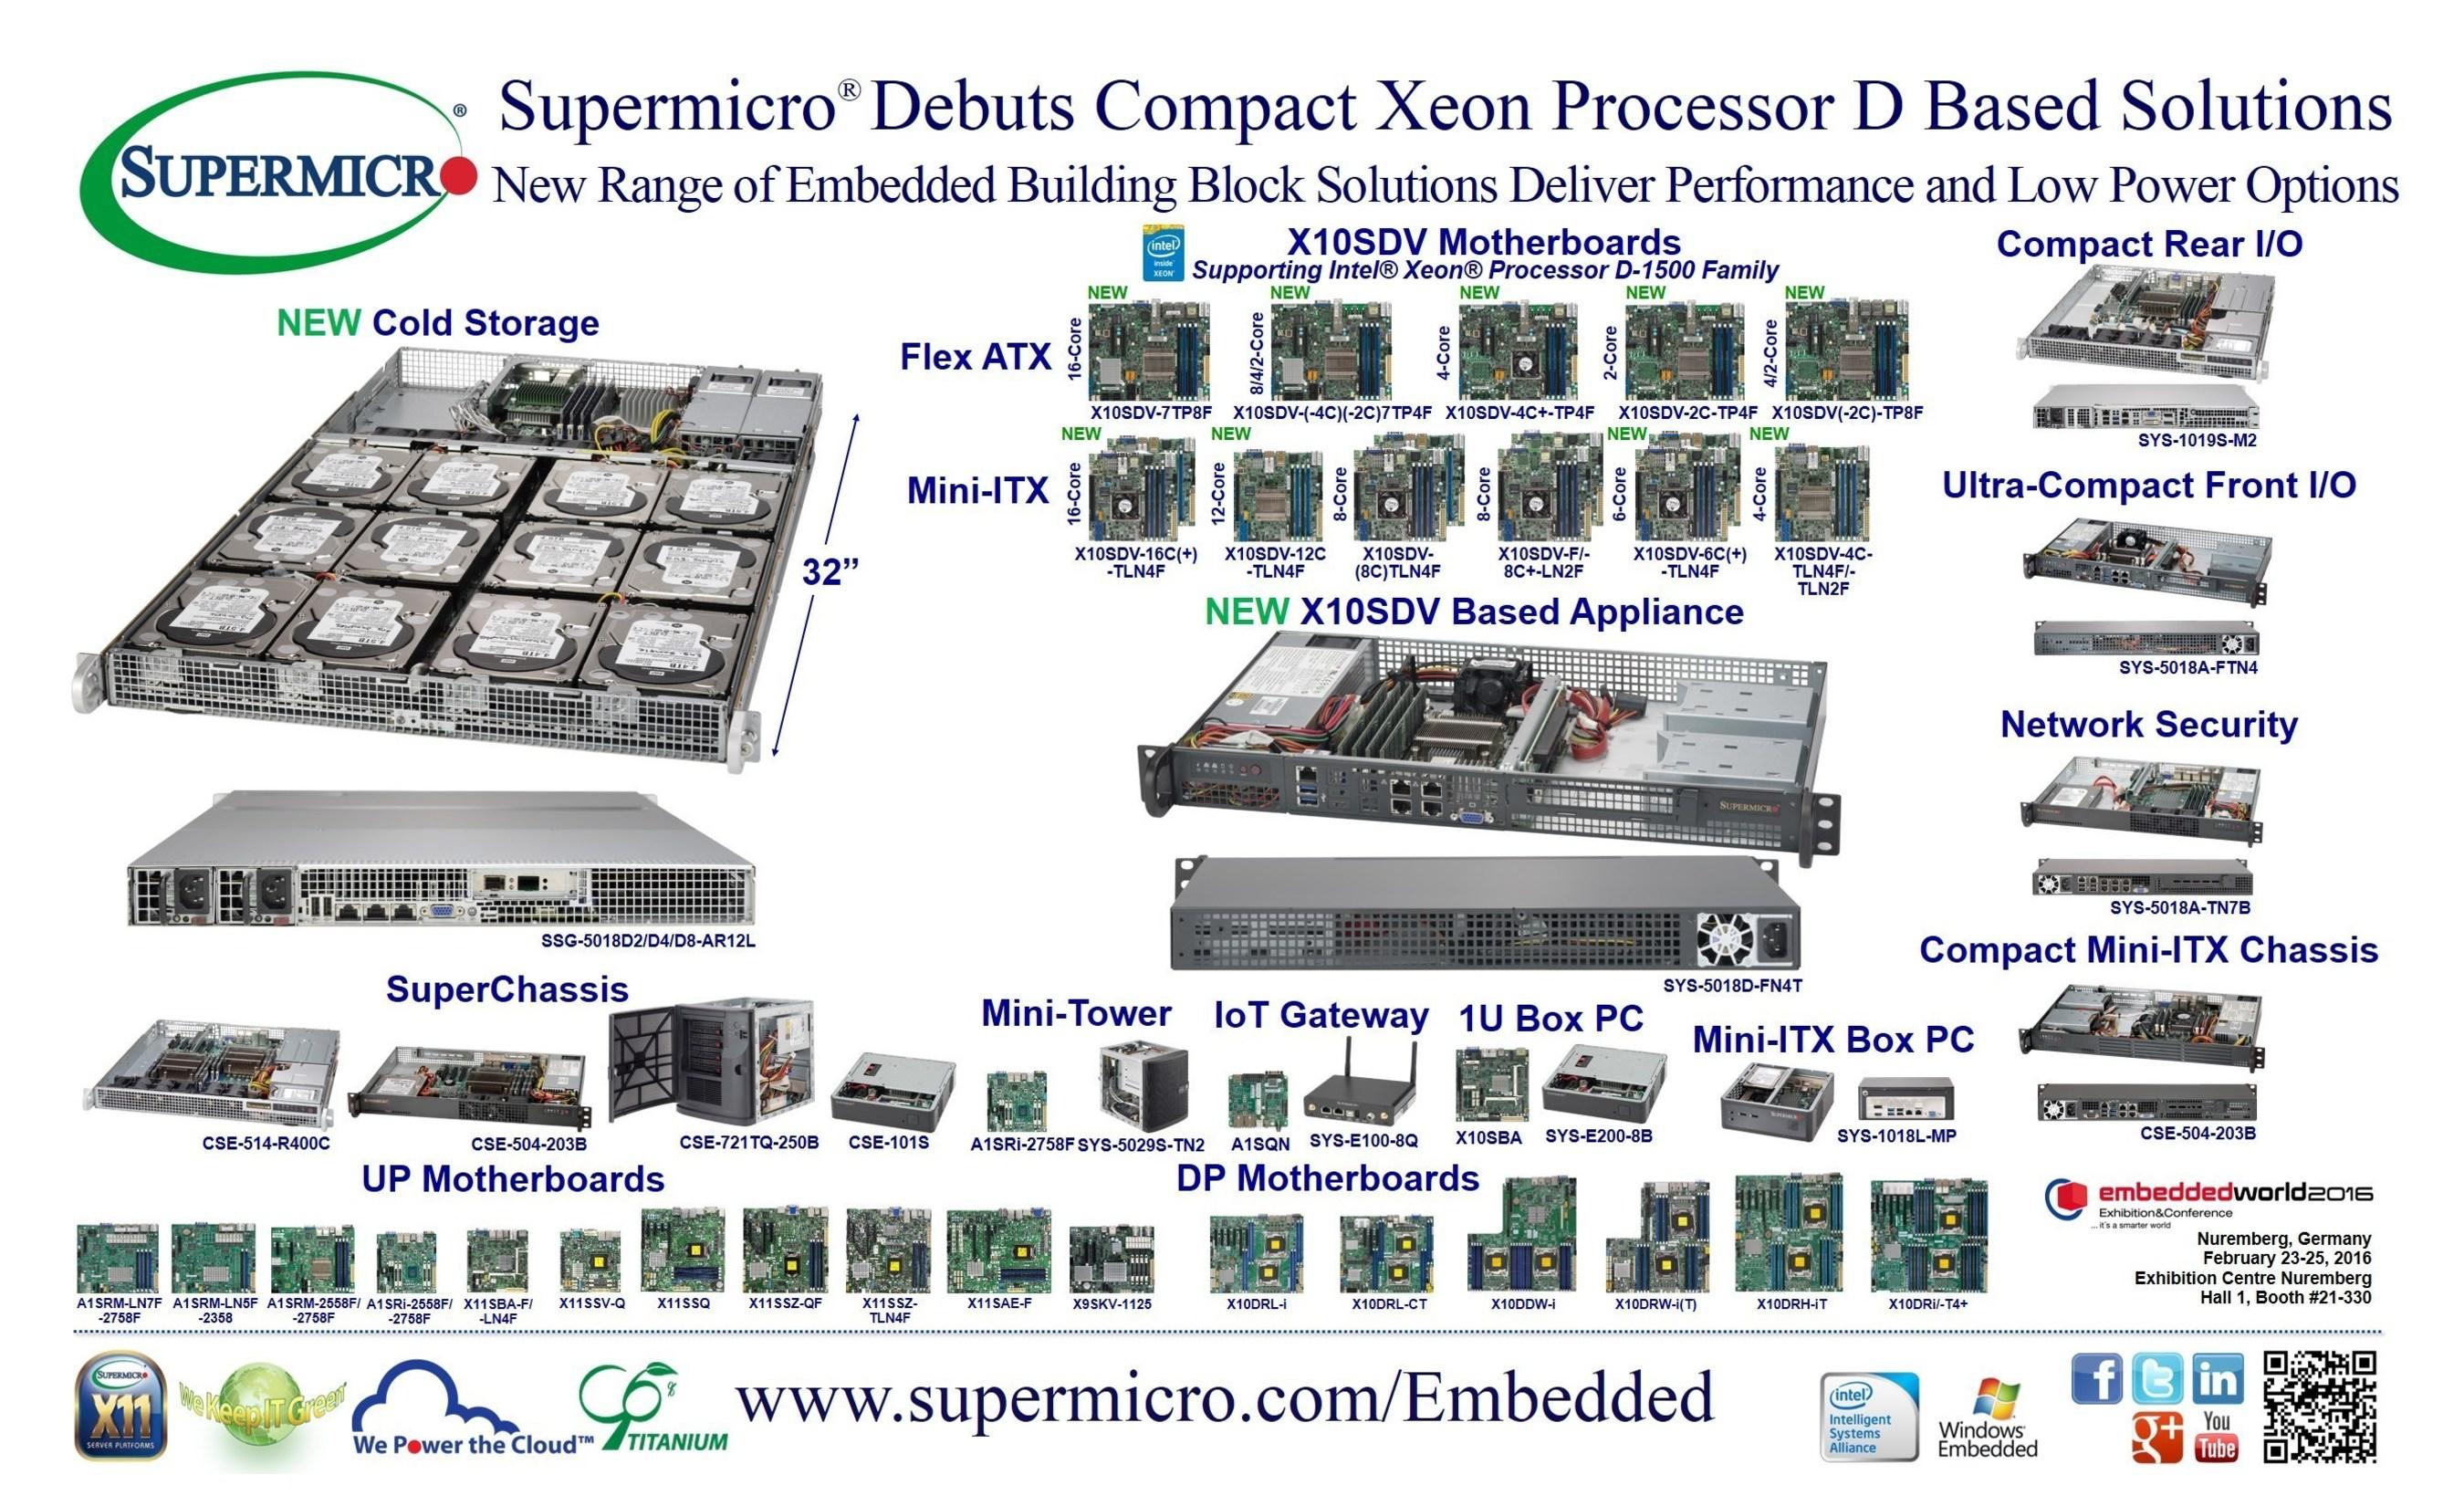 Au salon Embedded World à Nuremberg, Supermicro® lance ses nouveaux produits compacts fondés sur le